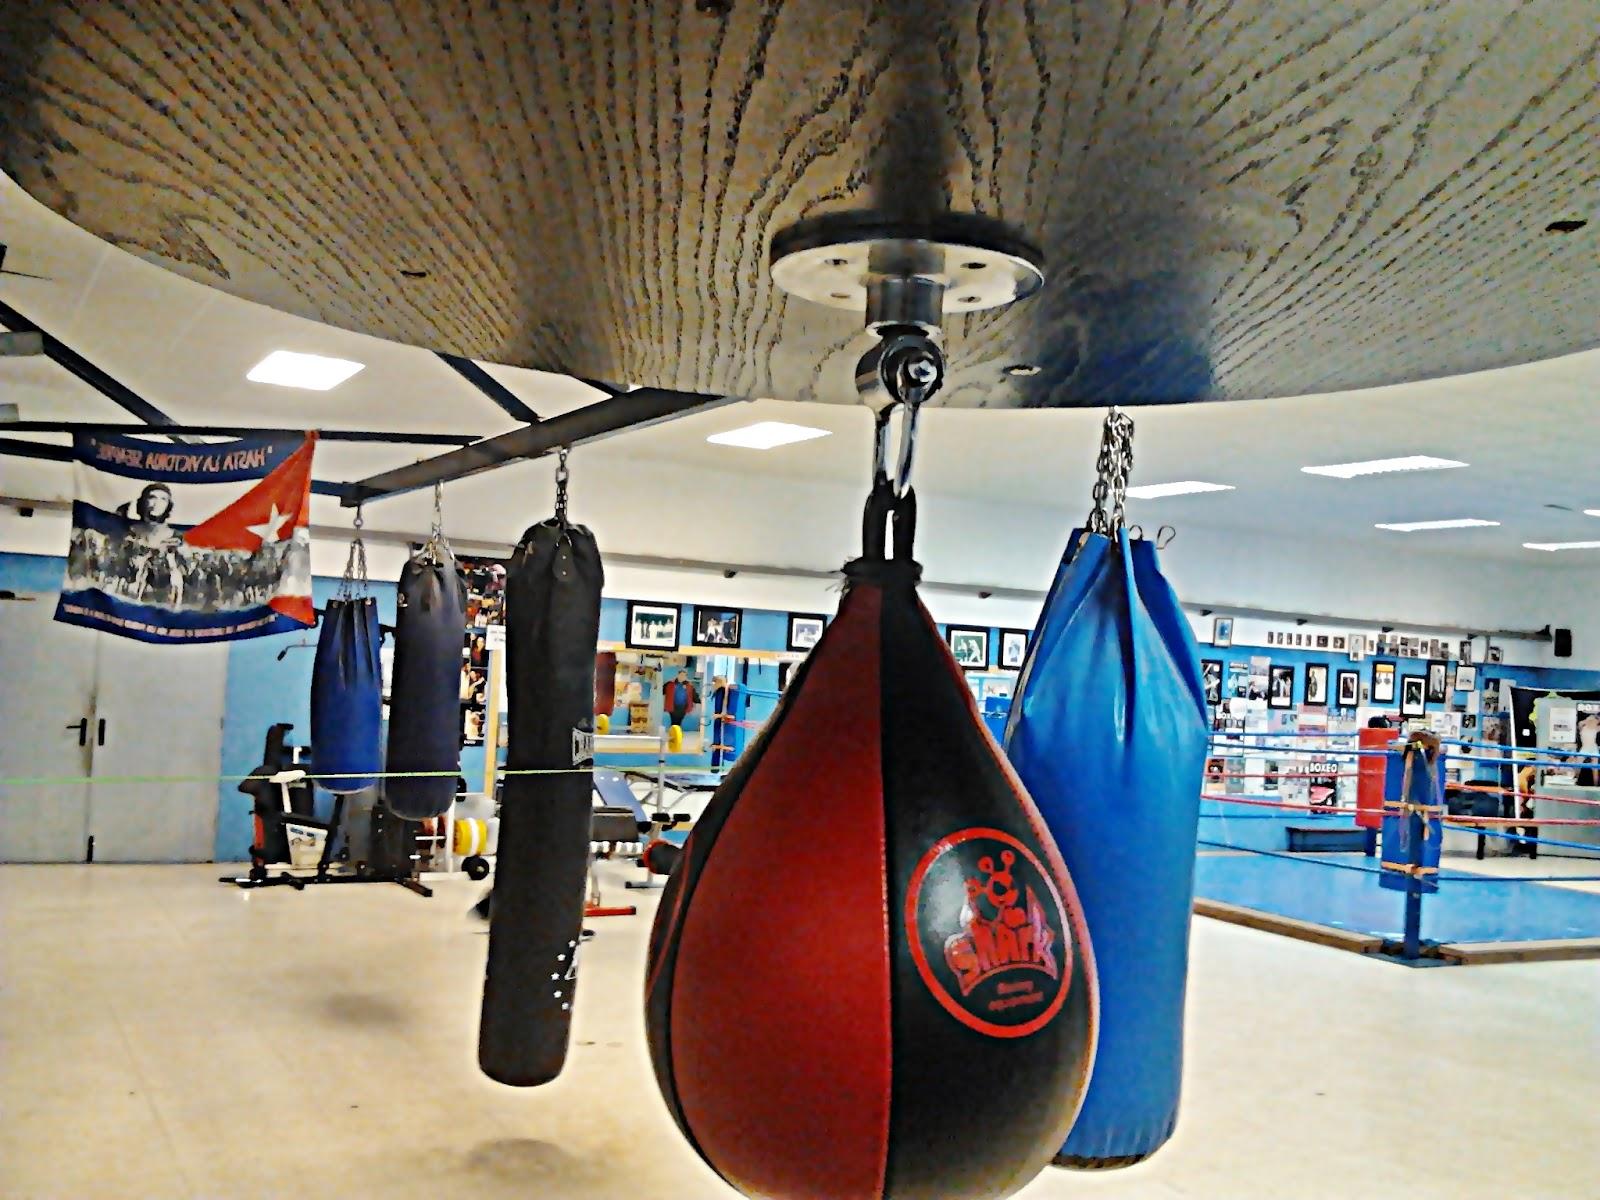 Gimnasio De Boxeo En Lugo Boxing Club Cidade De Lugo